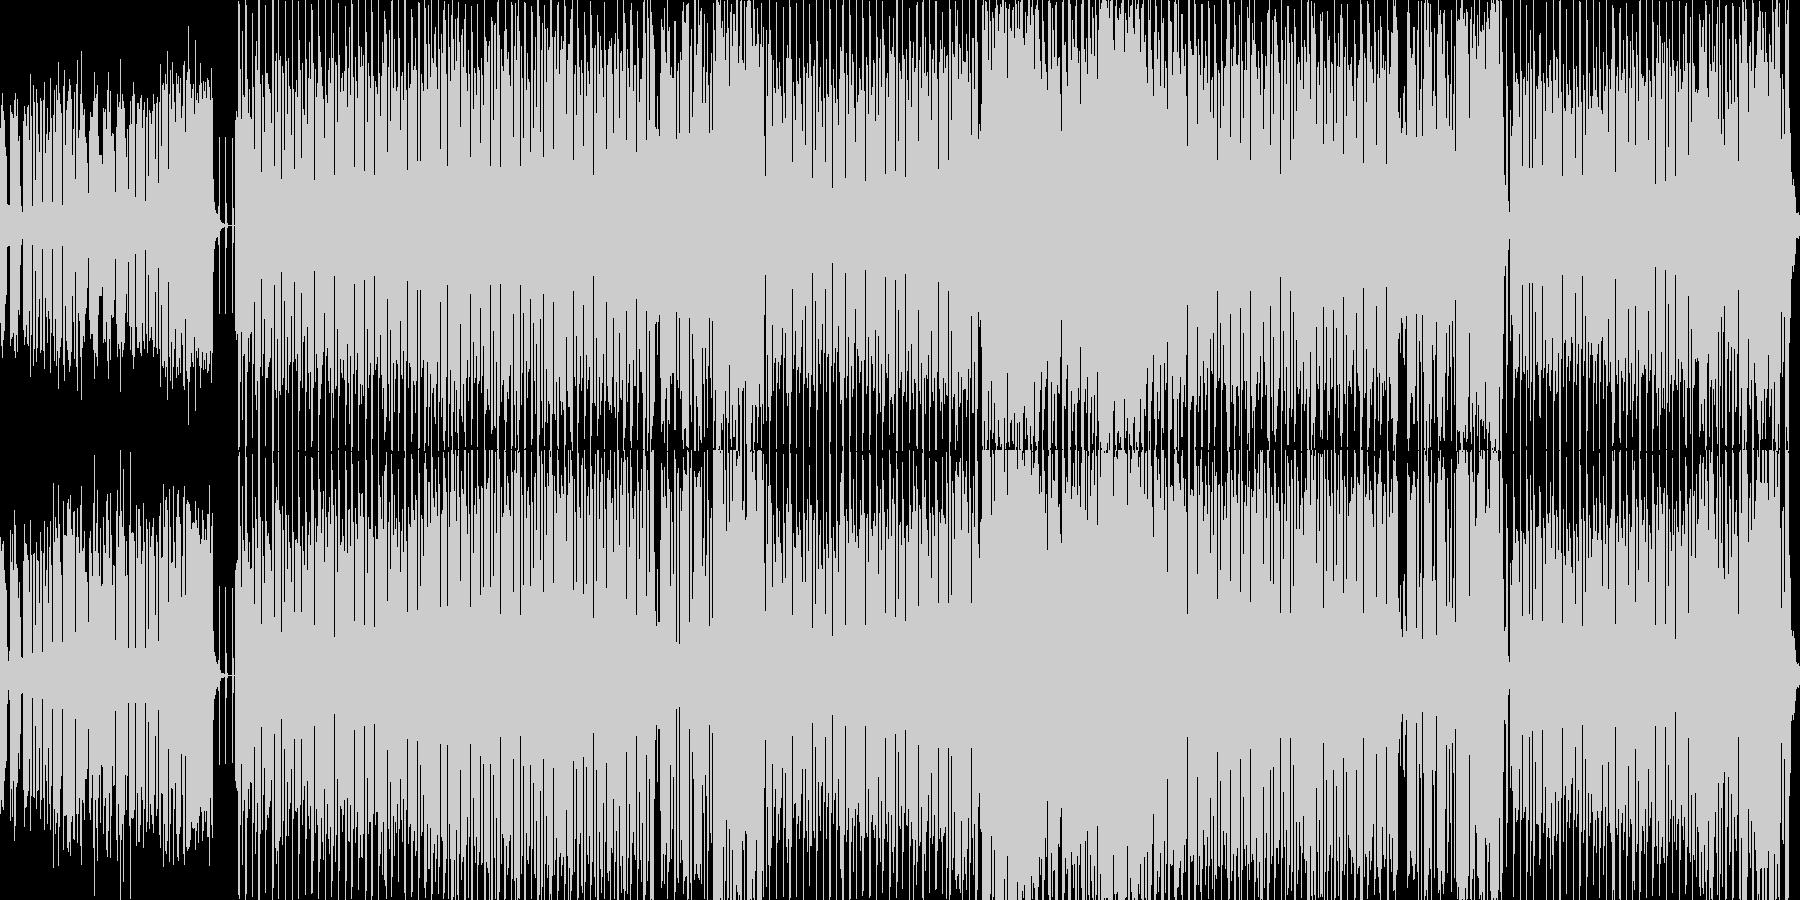 ウィリアム・テル/ポップアレンジの未再生の波形